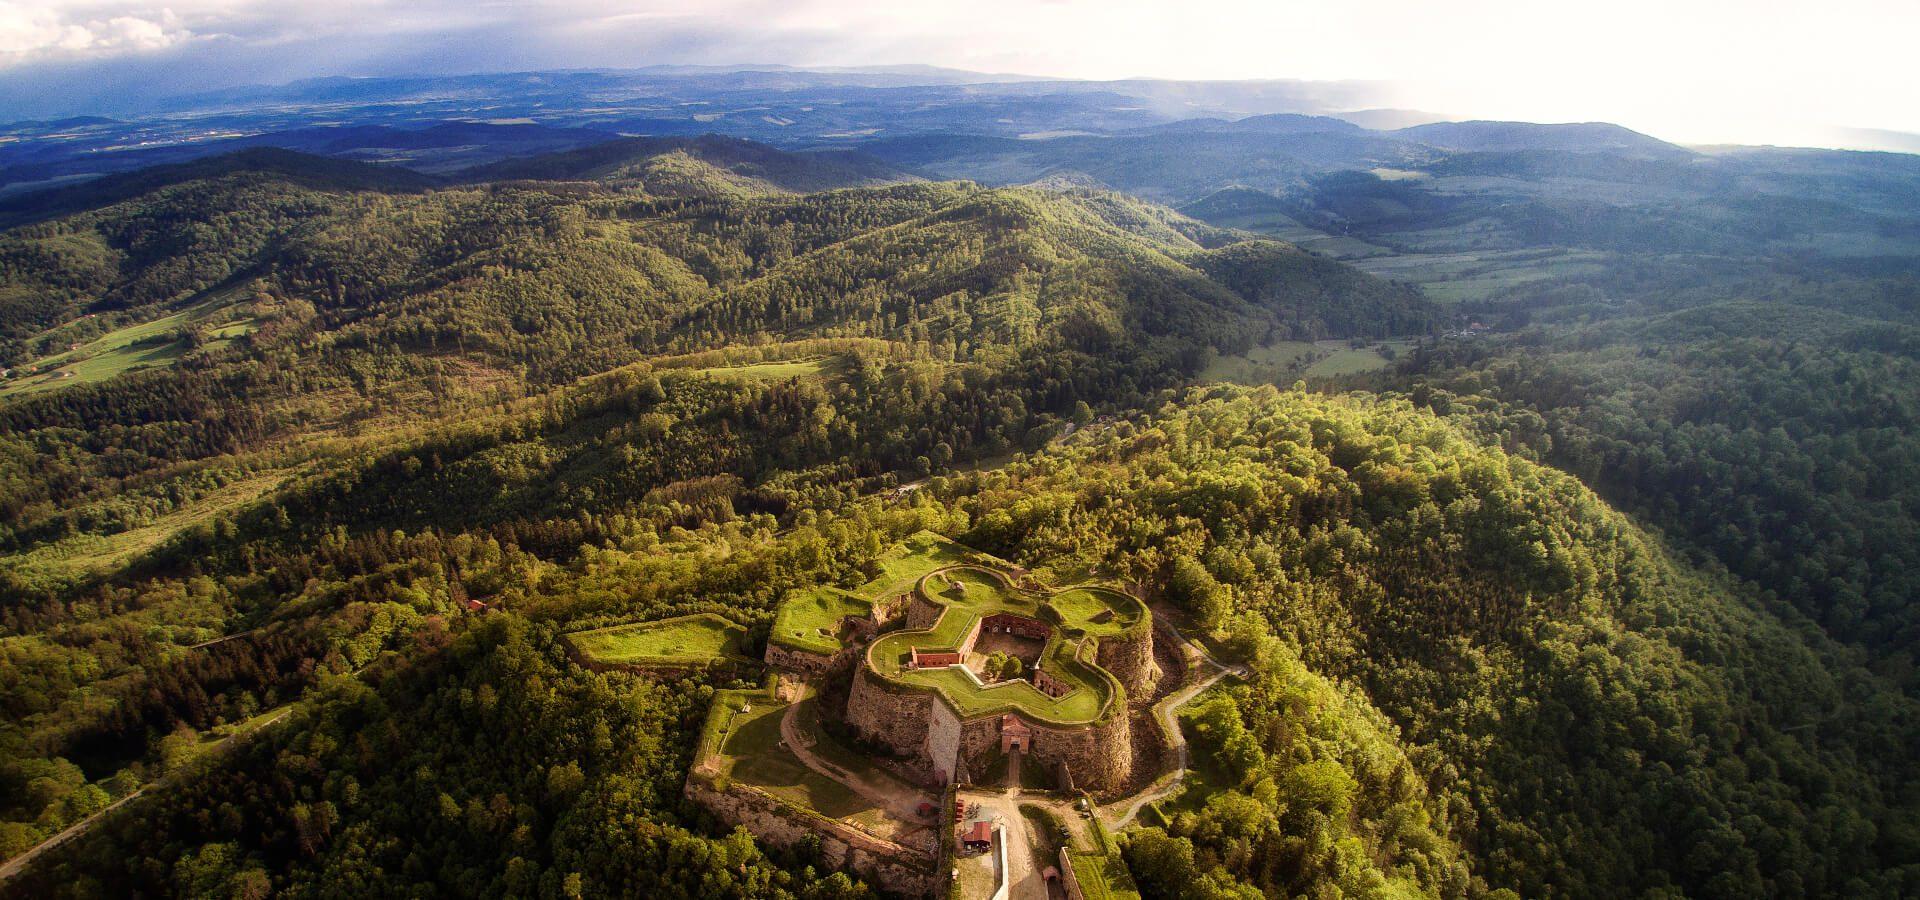 Twierdza Srebrna Góra - co kryje największa górska twierdza w Europie?